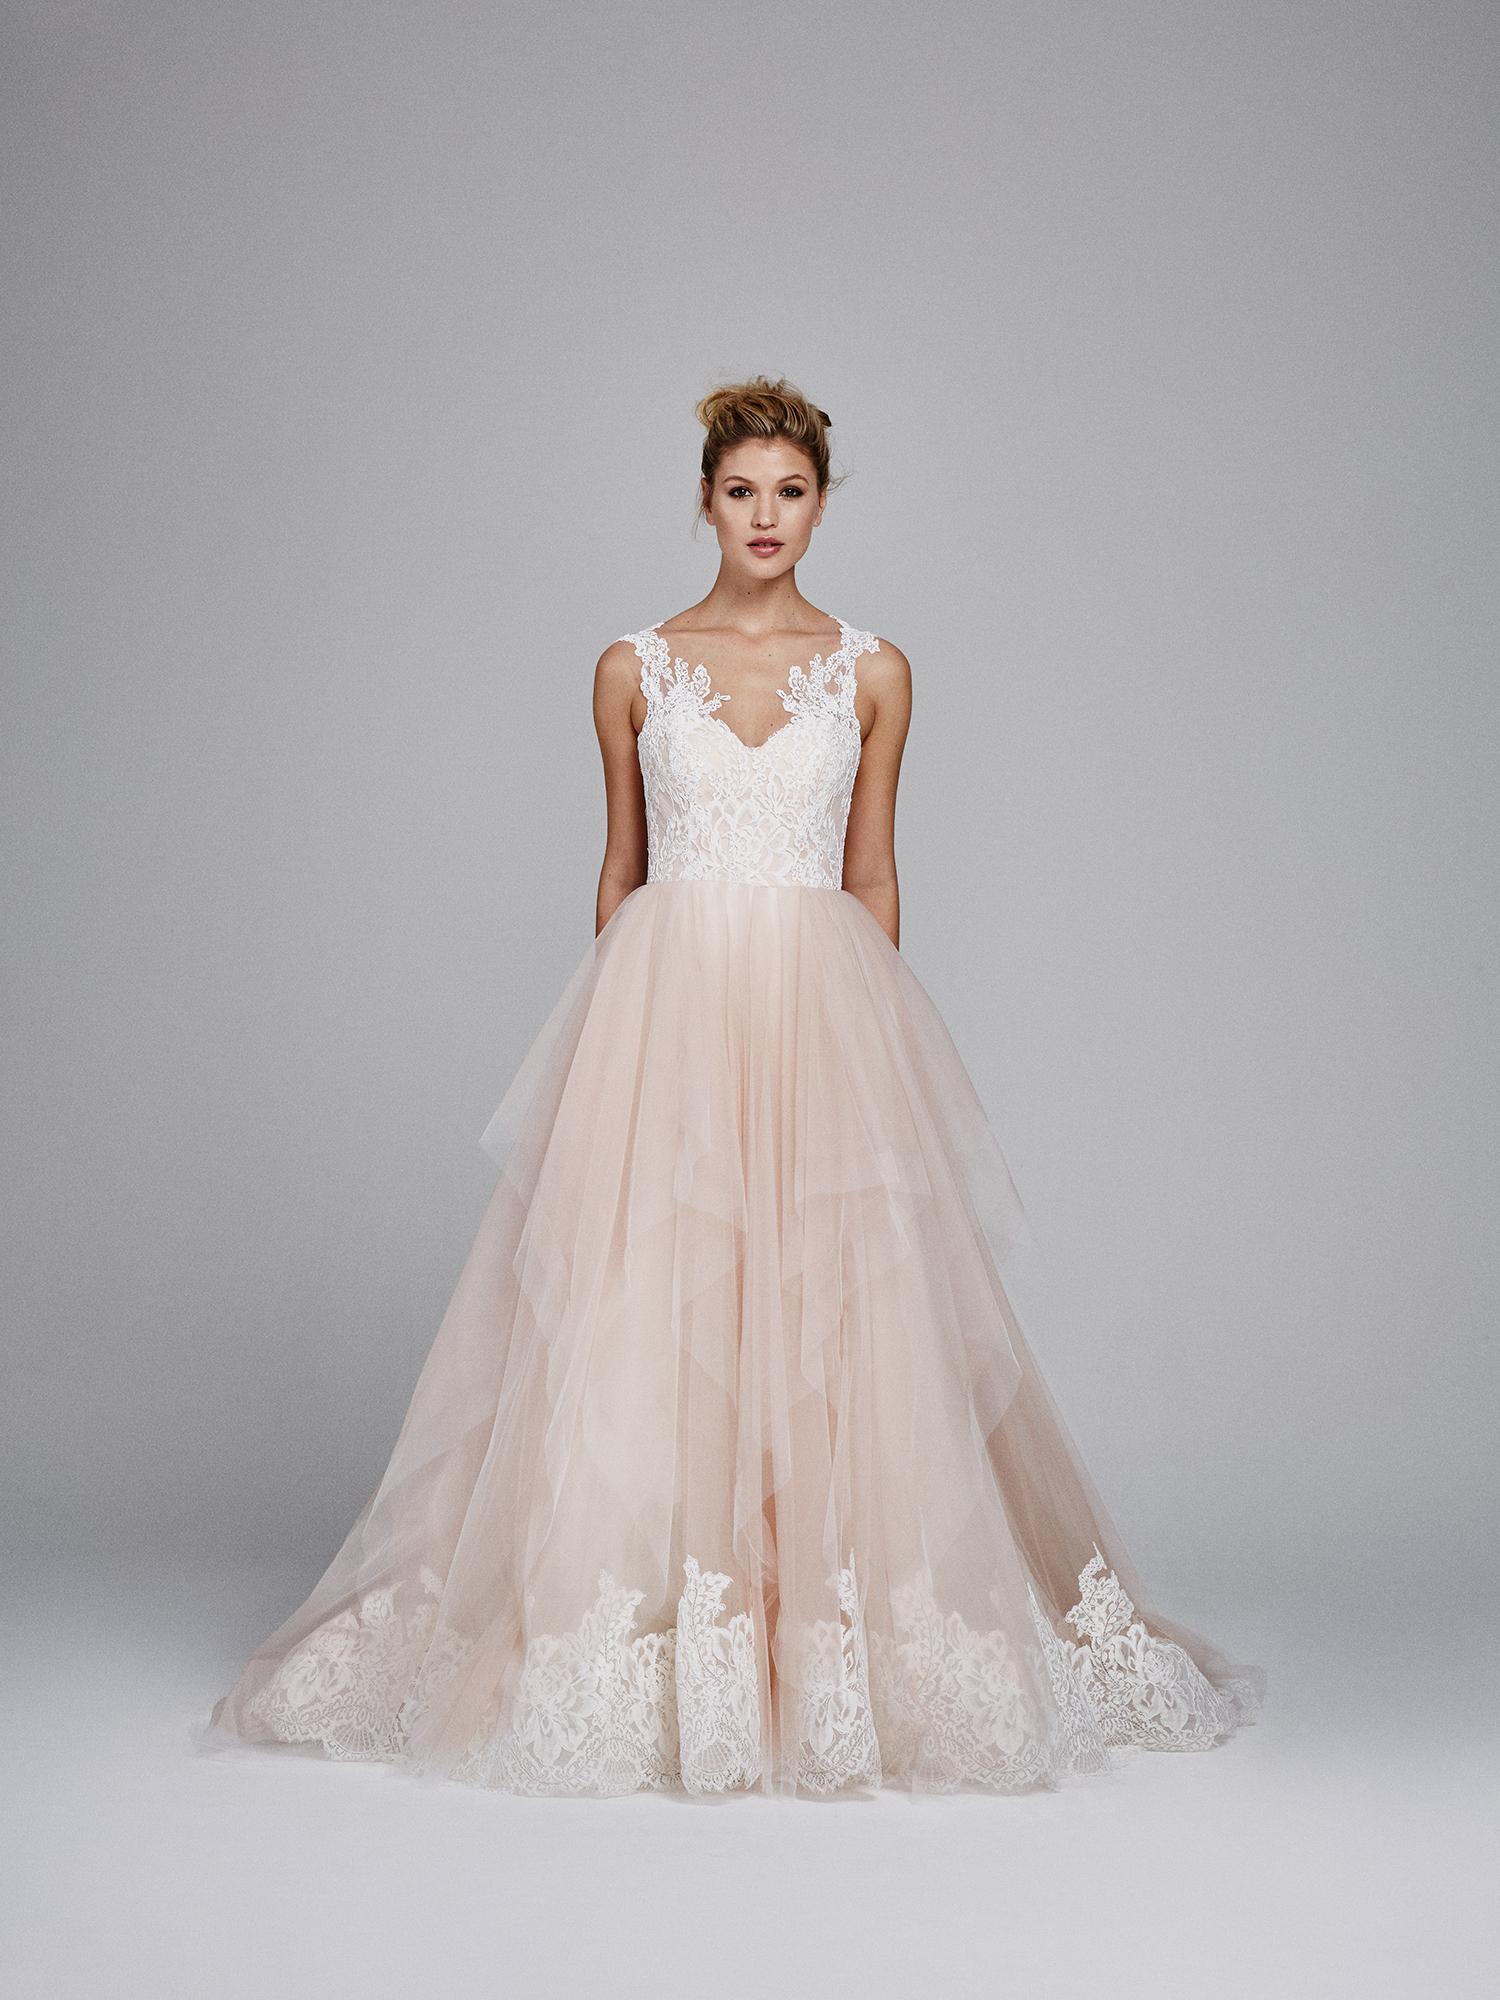 kelly faetanini wedding dress fall 2017